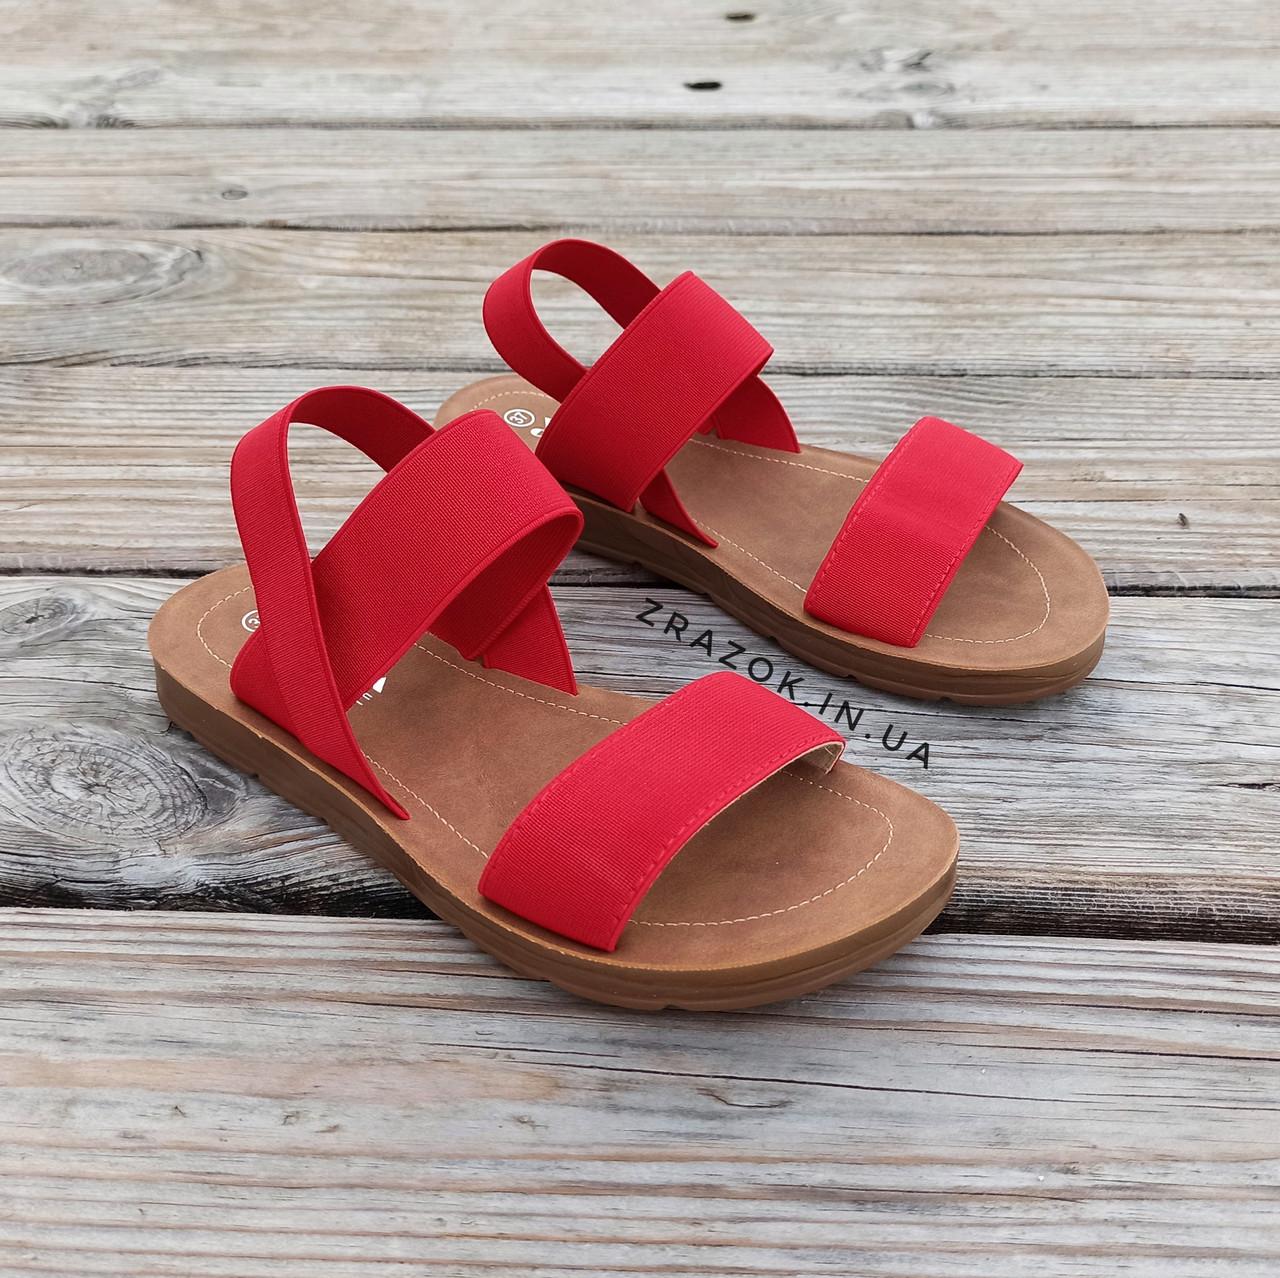 Червоні босоніжки, шльопанці тапки жіночі сандалі на резинці червоні босоніжки шльопанці тапки сандалі